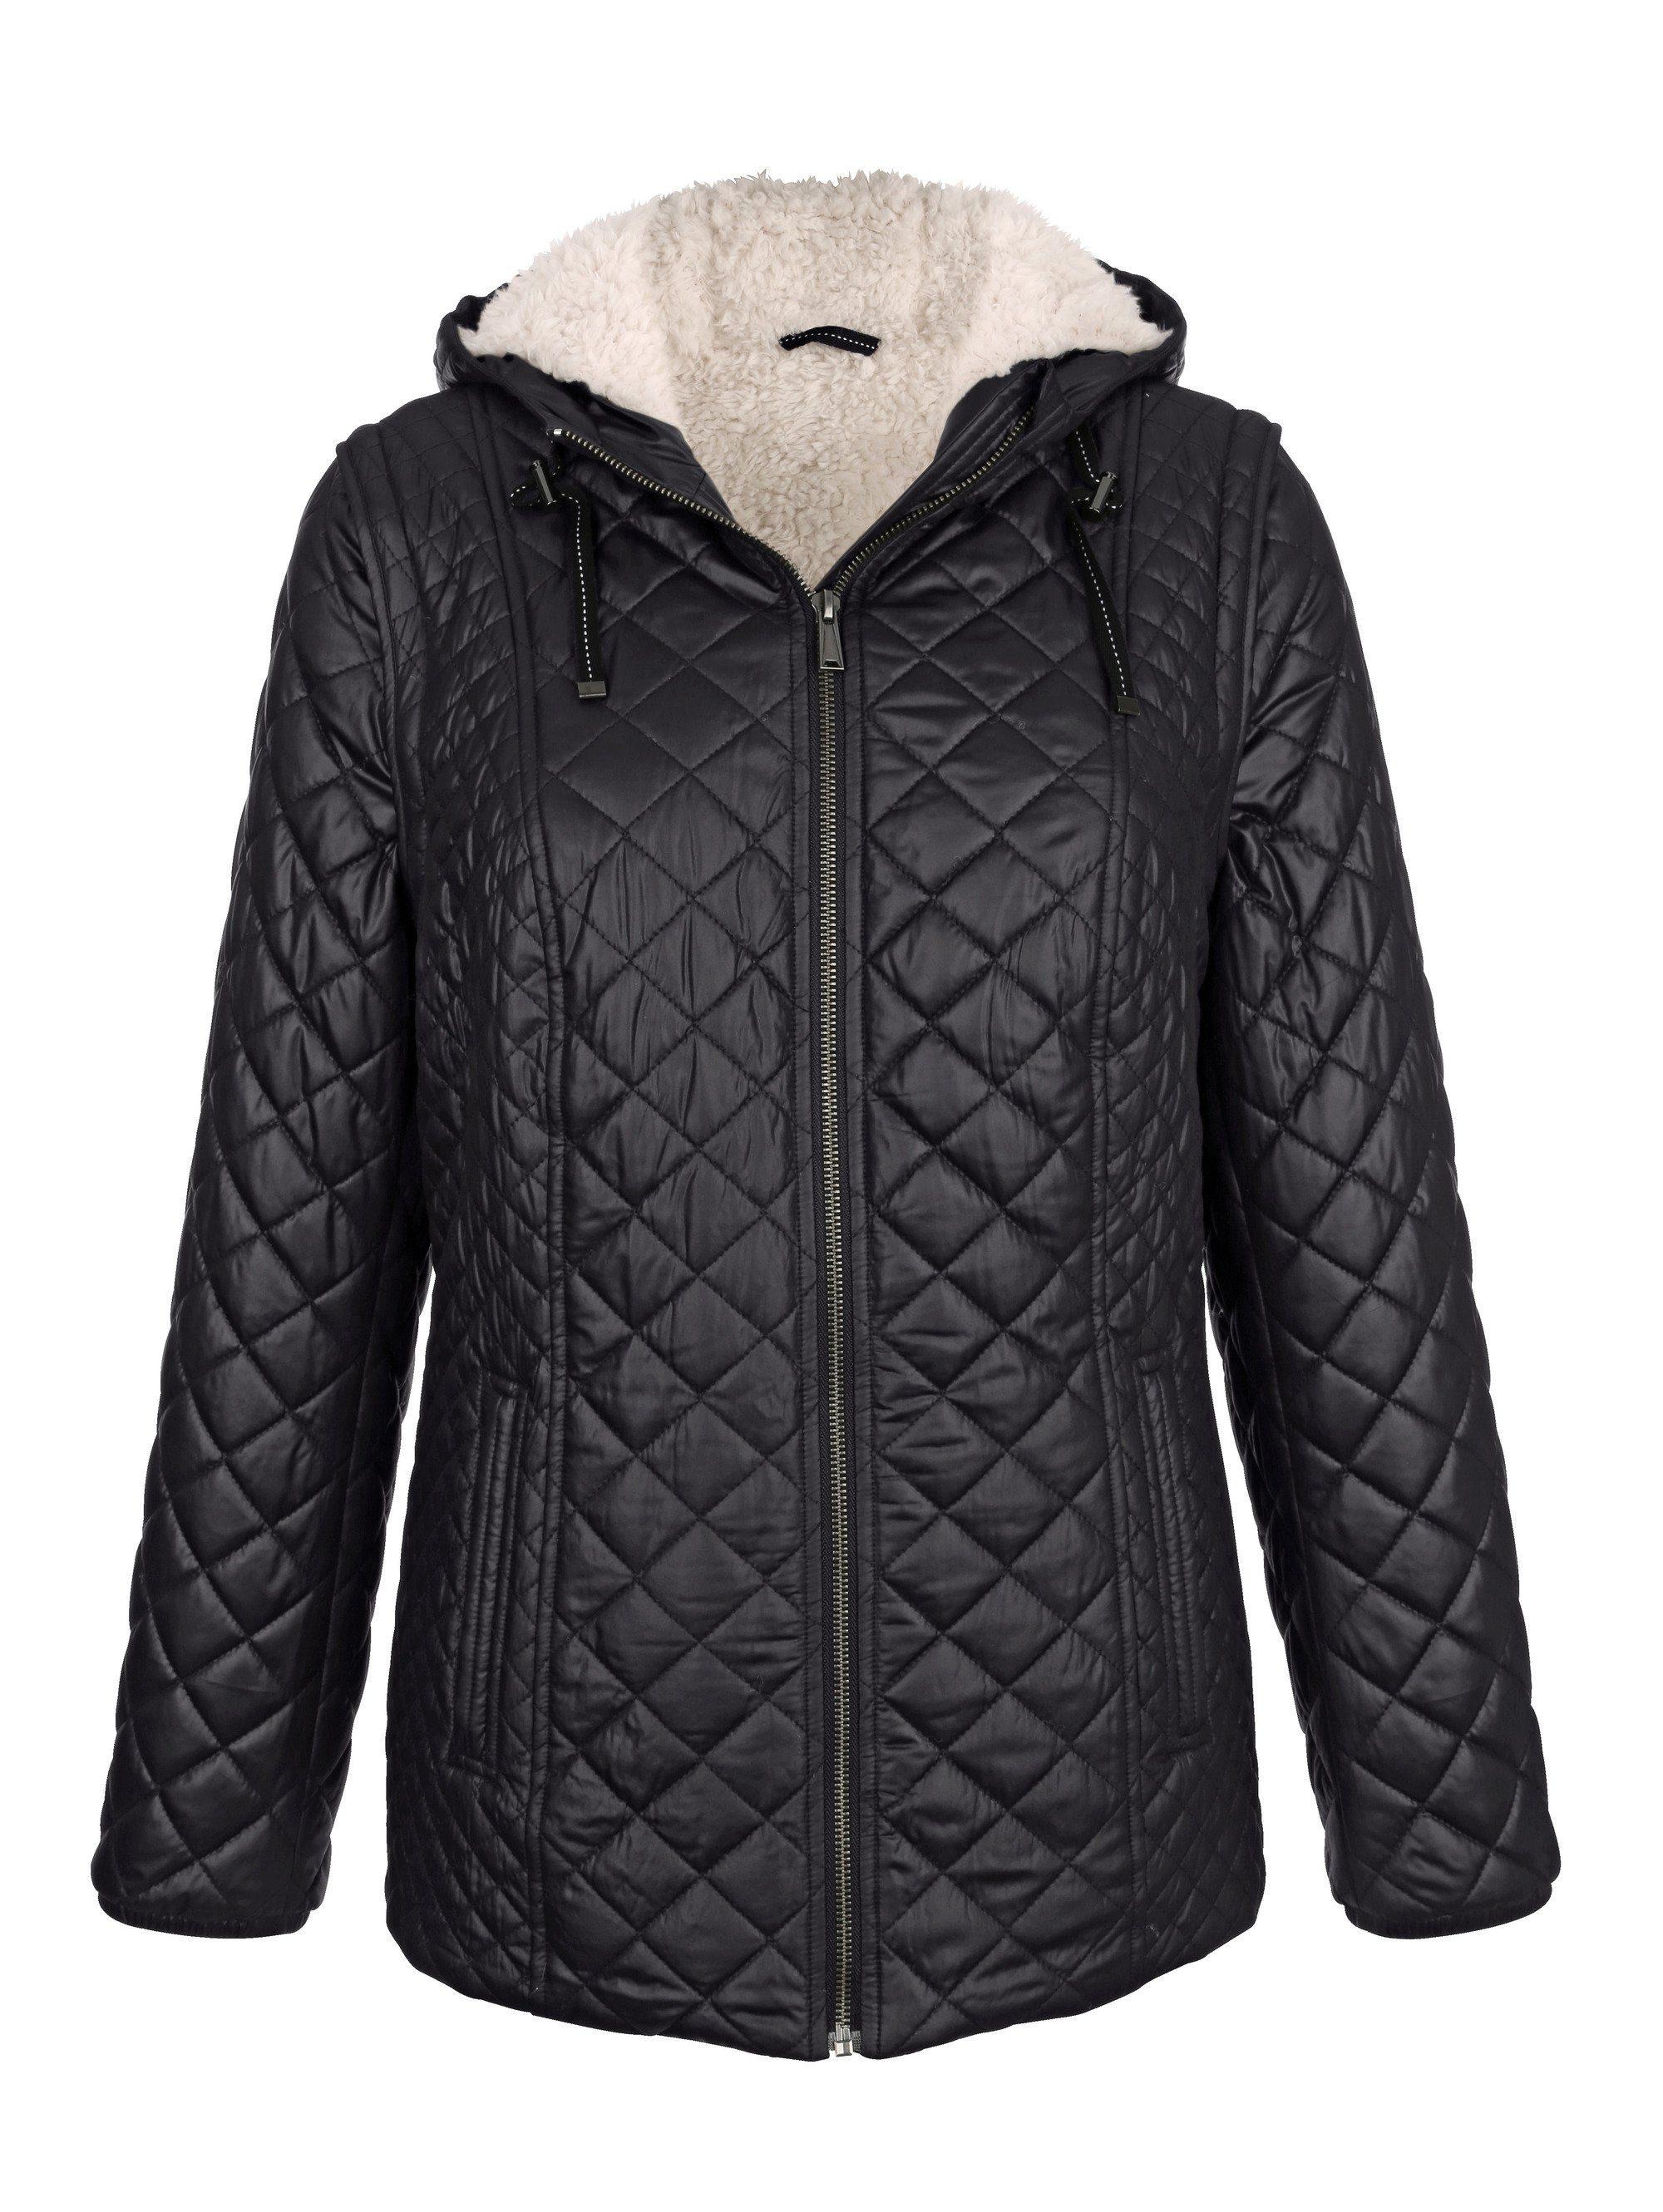 Dress In Jacke mit warmen Teddyfell innen kaufen | OTTO